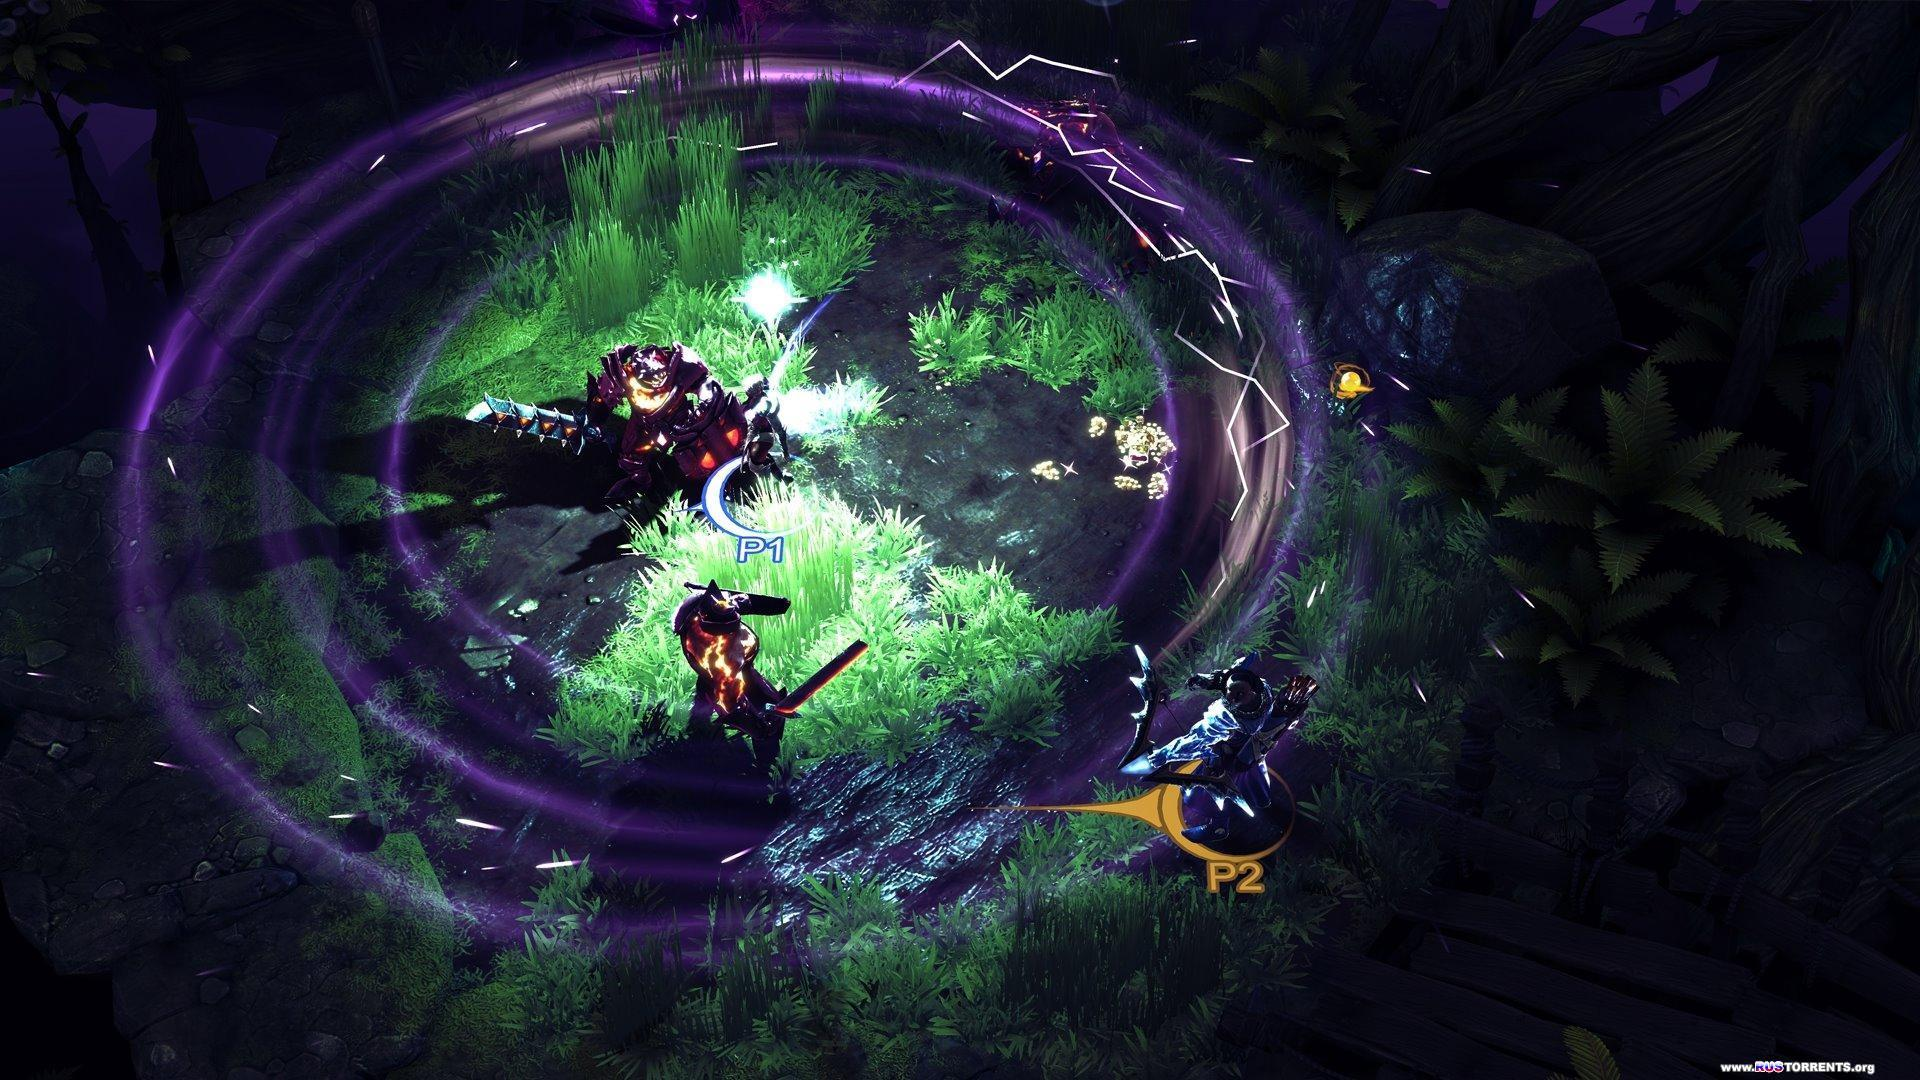 Sacred 3 [v 1.0 + 3 DLC] | PC | Repack �� R.G. UPG